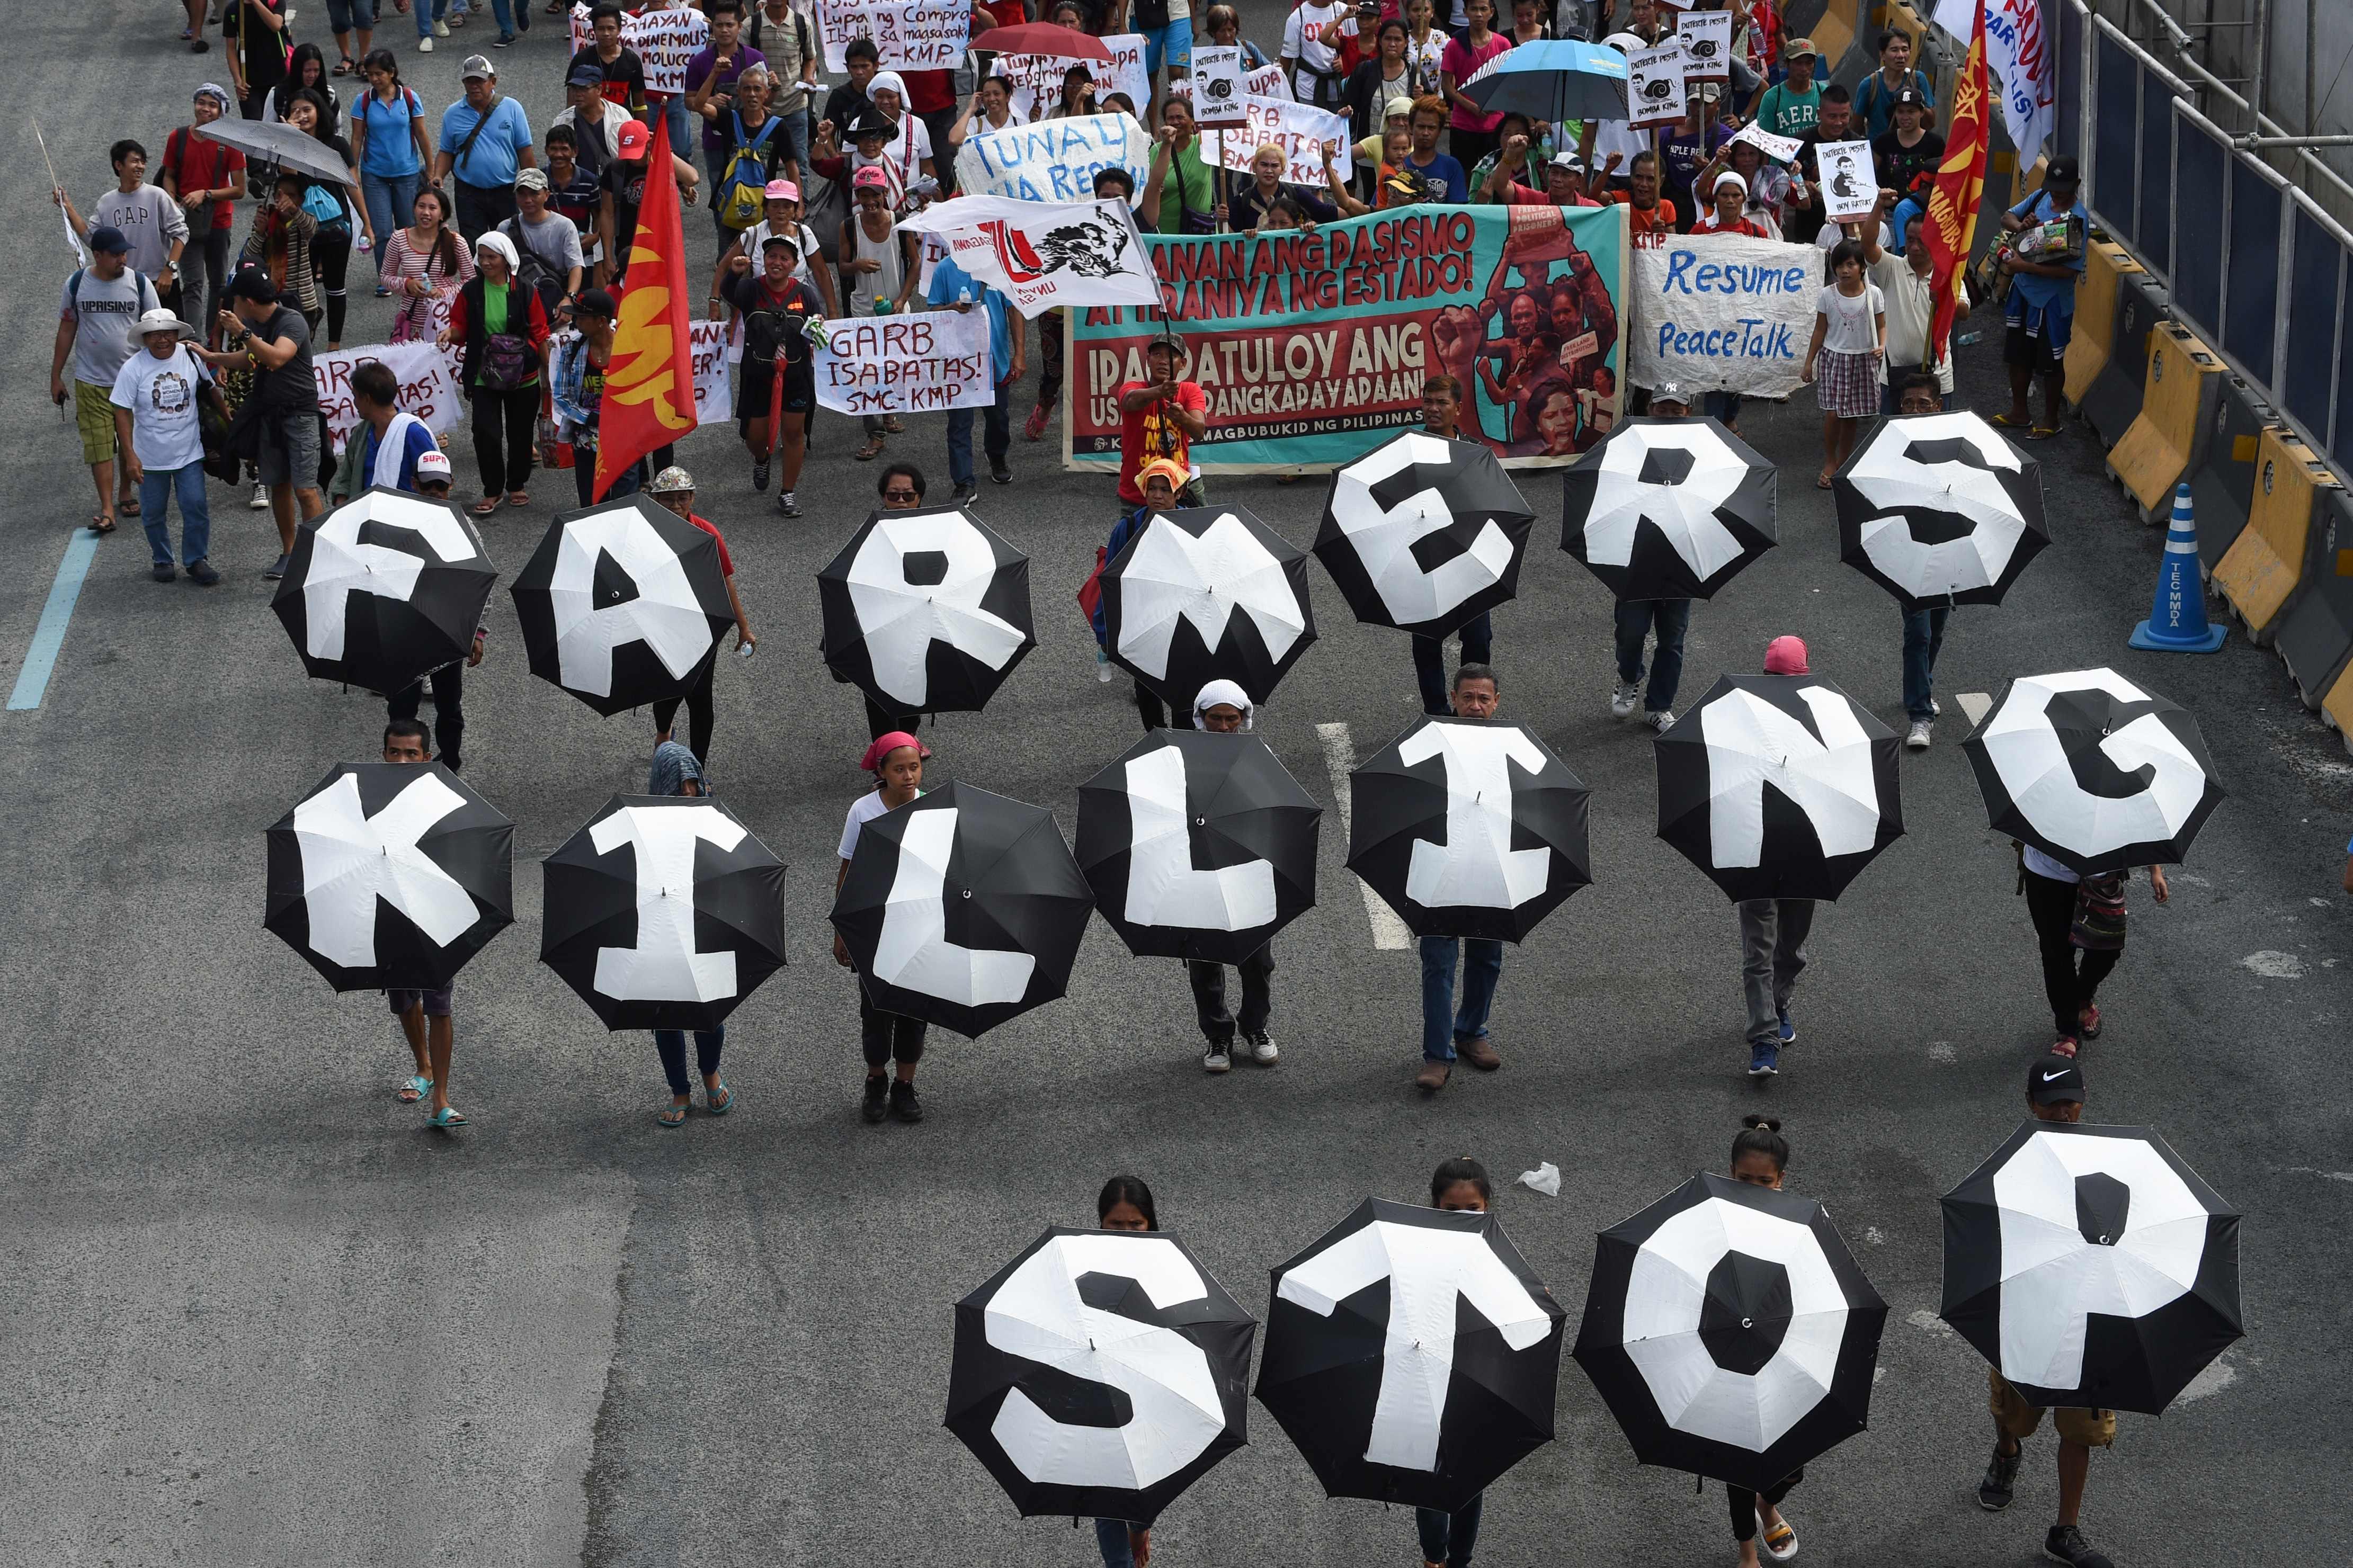 جانب من الاحتجاجات فى الفلبين